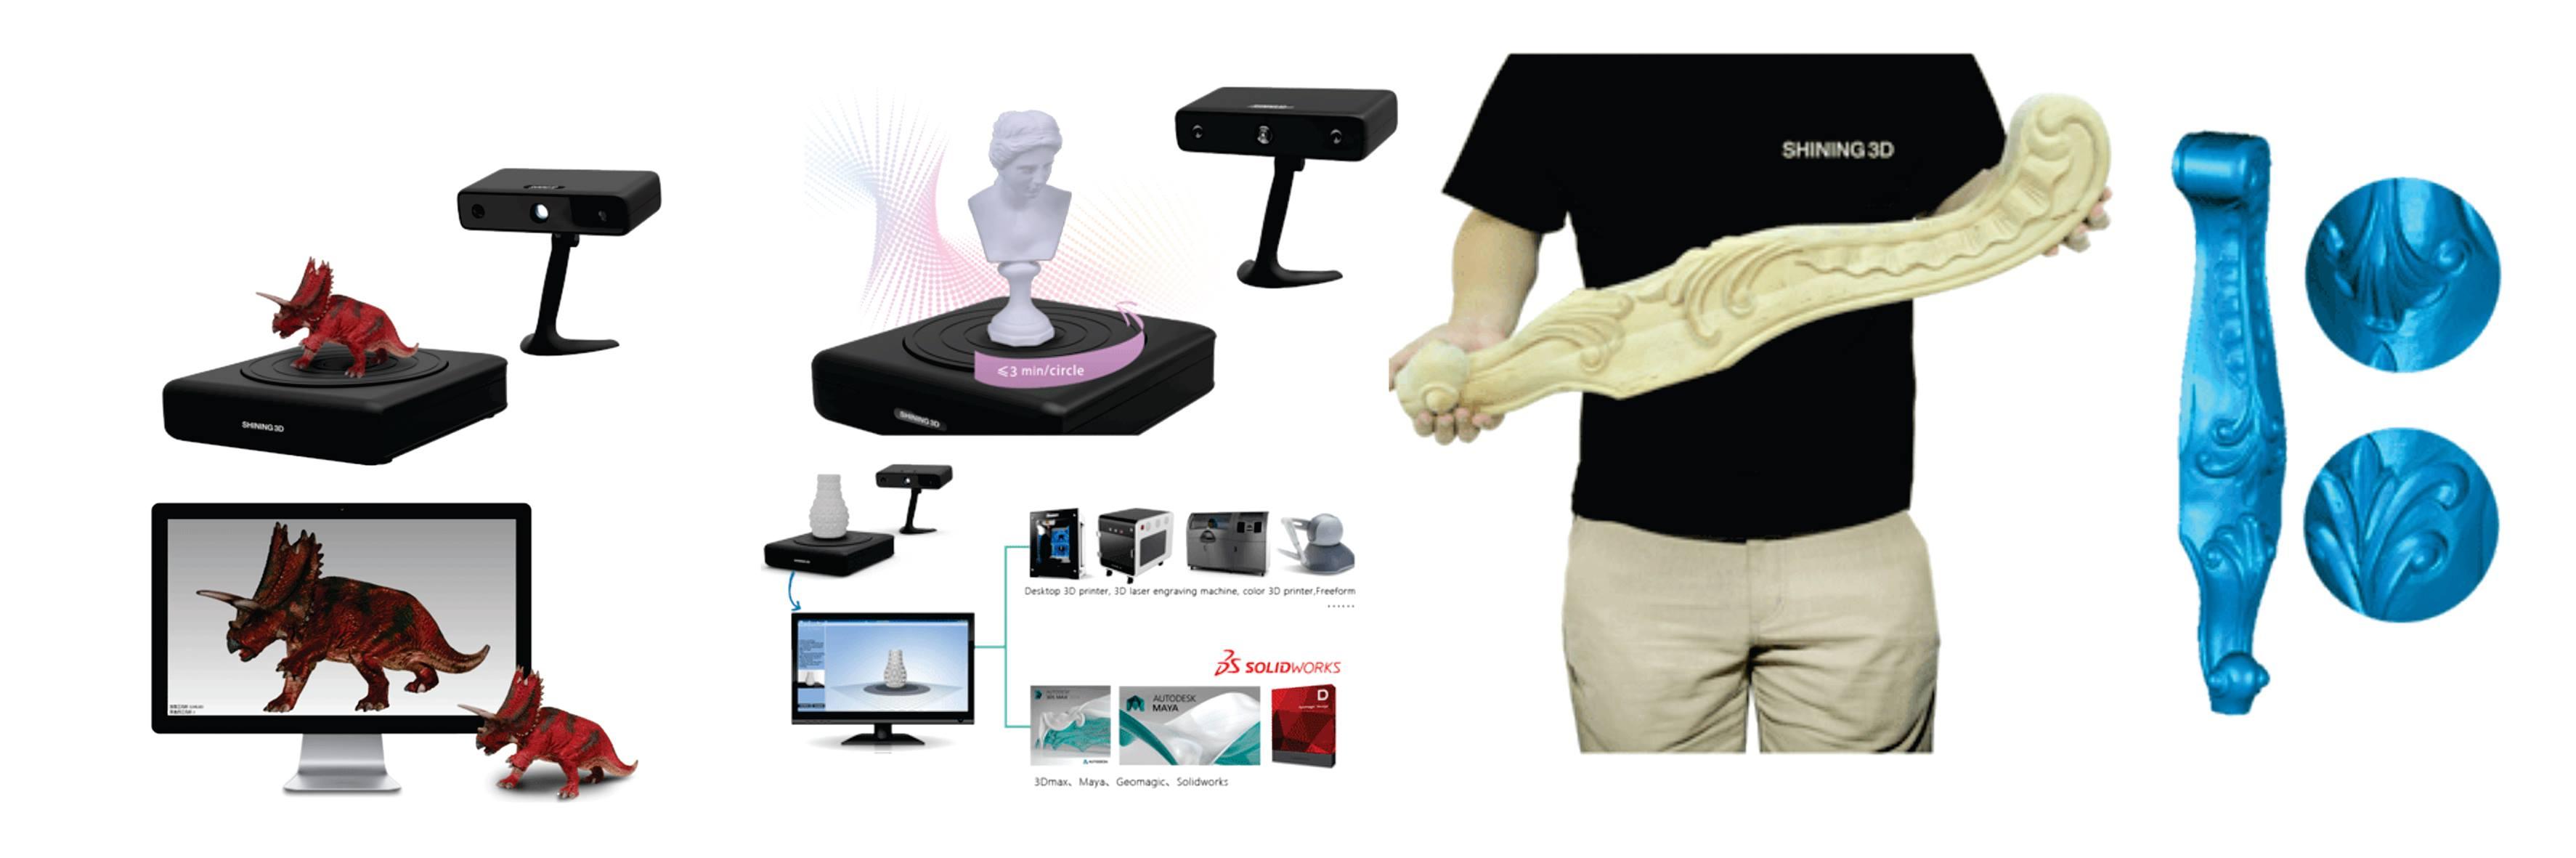 may-scan-3d-shining-de-ban Máy scan 3D giá hợp lý ở Việt Nam. được nhiều doanh nghiệp Việt Nam tin dùng. Xem ngay để chọn được máy scan 3D (máy quét 3d) phù hợp nhất Việt Nam.